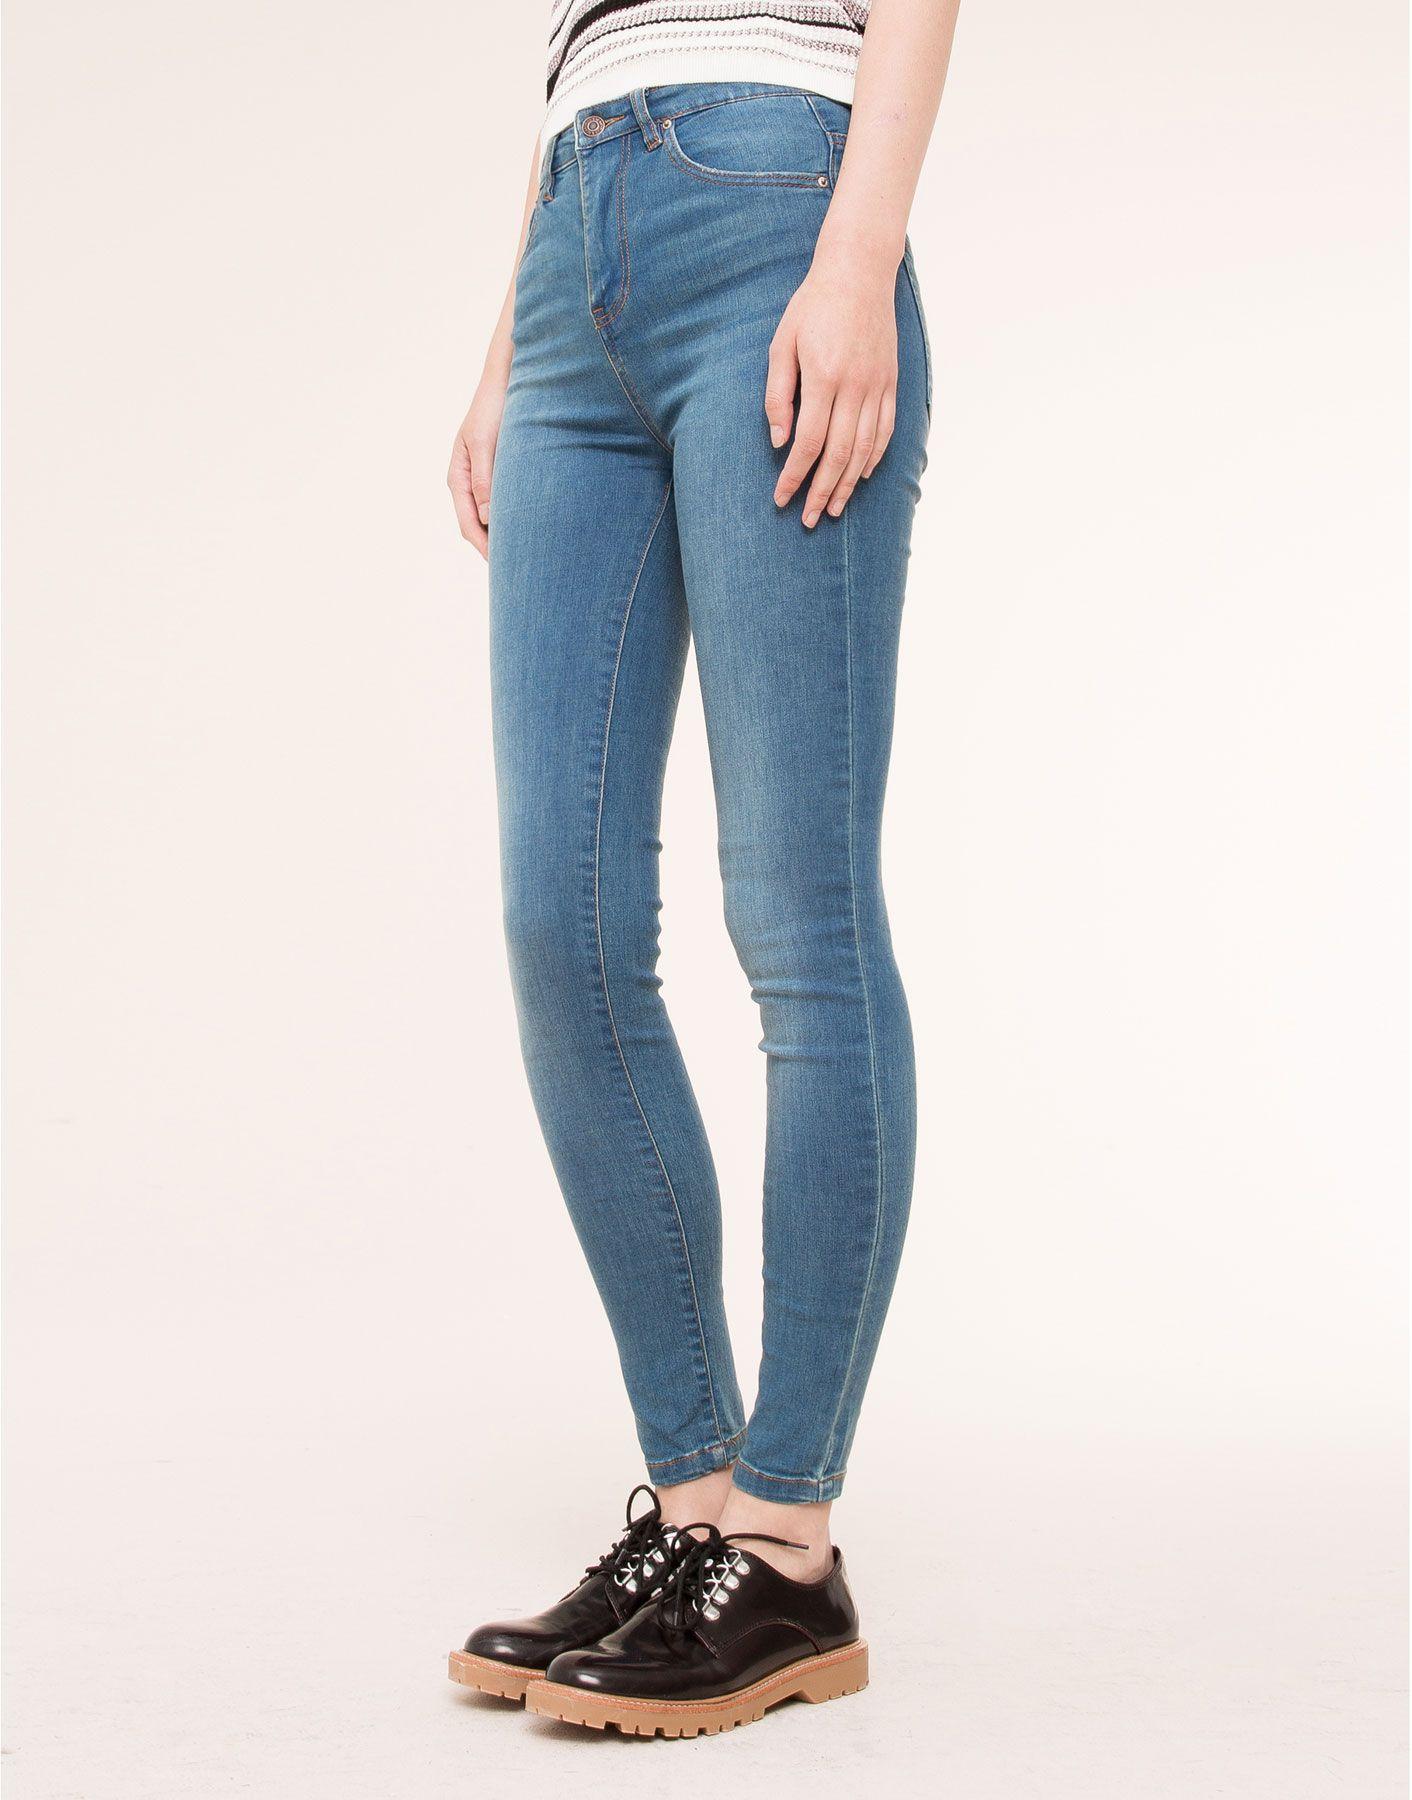 Jeans Skinny Tiro Alto Jeans Mujer Pull Bear Espana Vaqueros Mujer Pantalones De Mezclilla Ropa